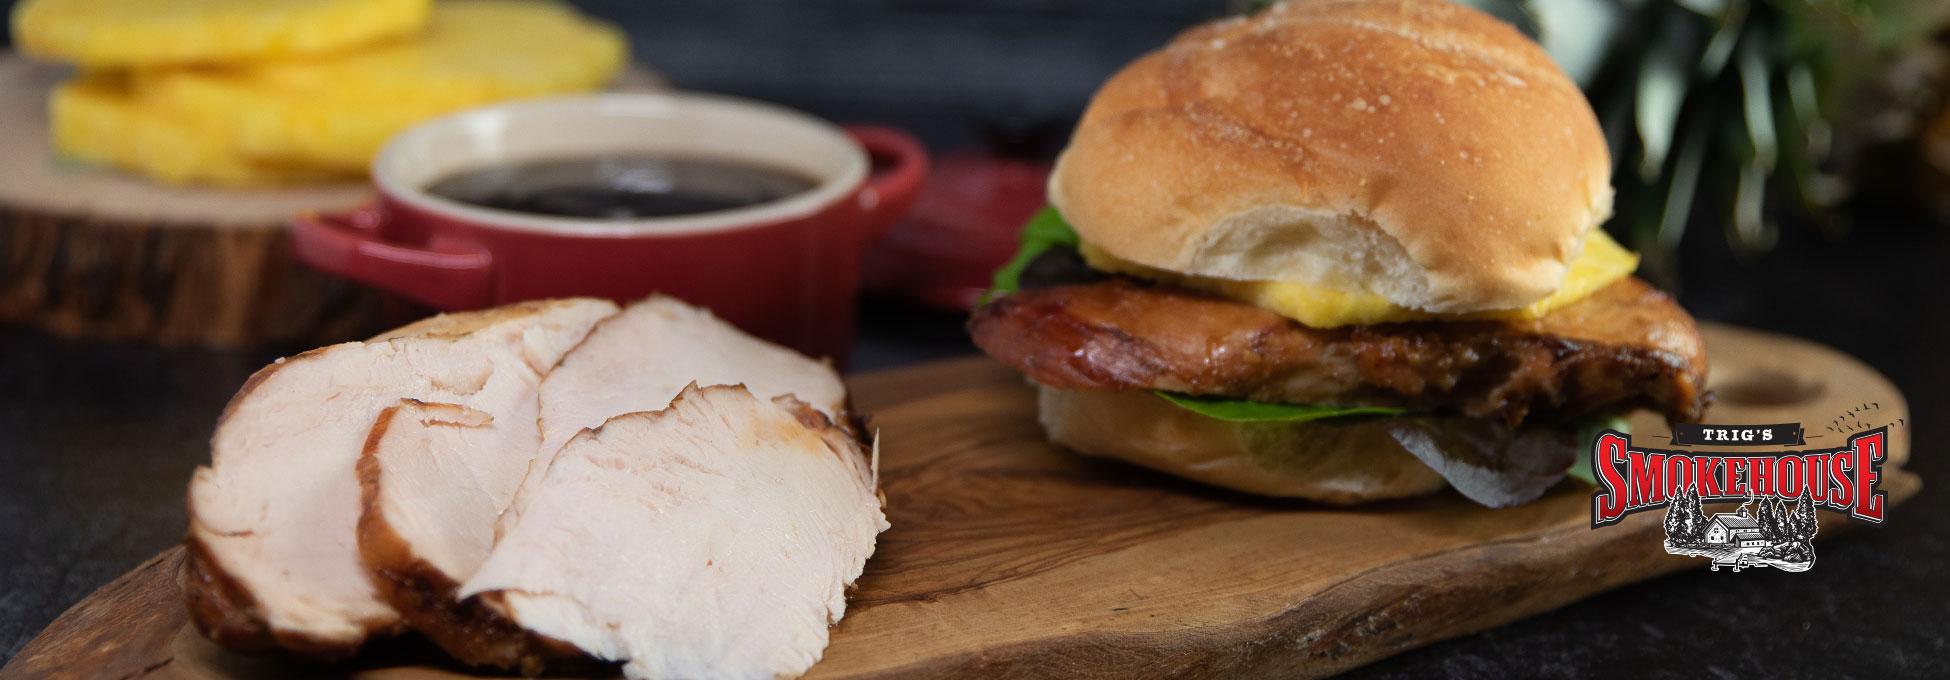 trigs-homepg-smokehouse-marinated-chicken-breast.jpg